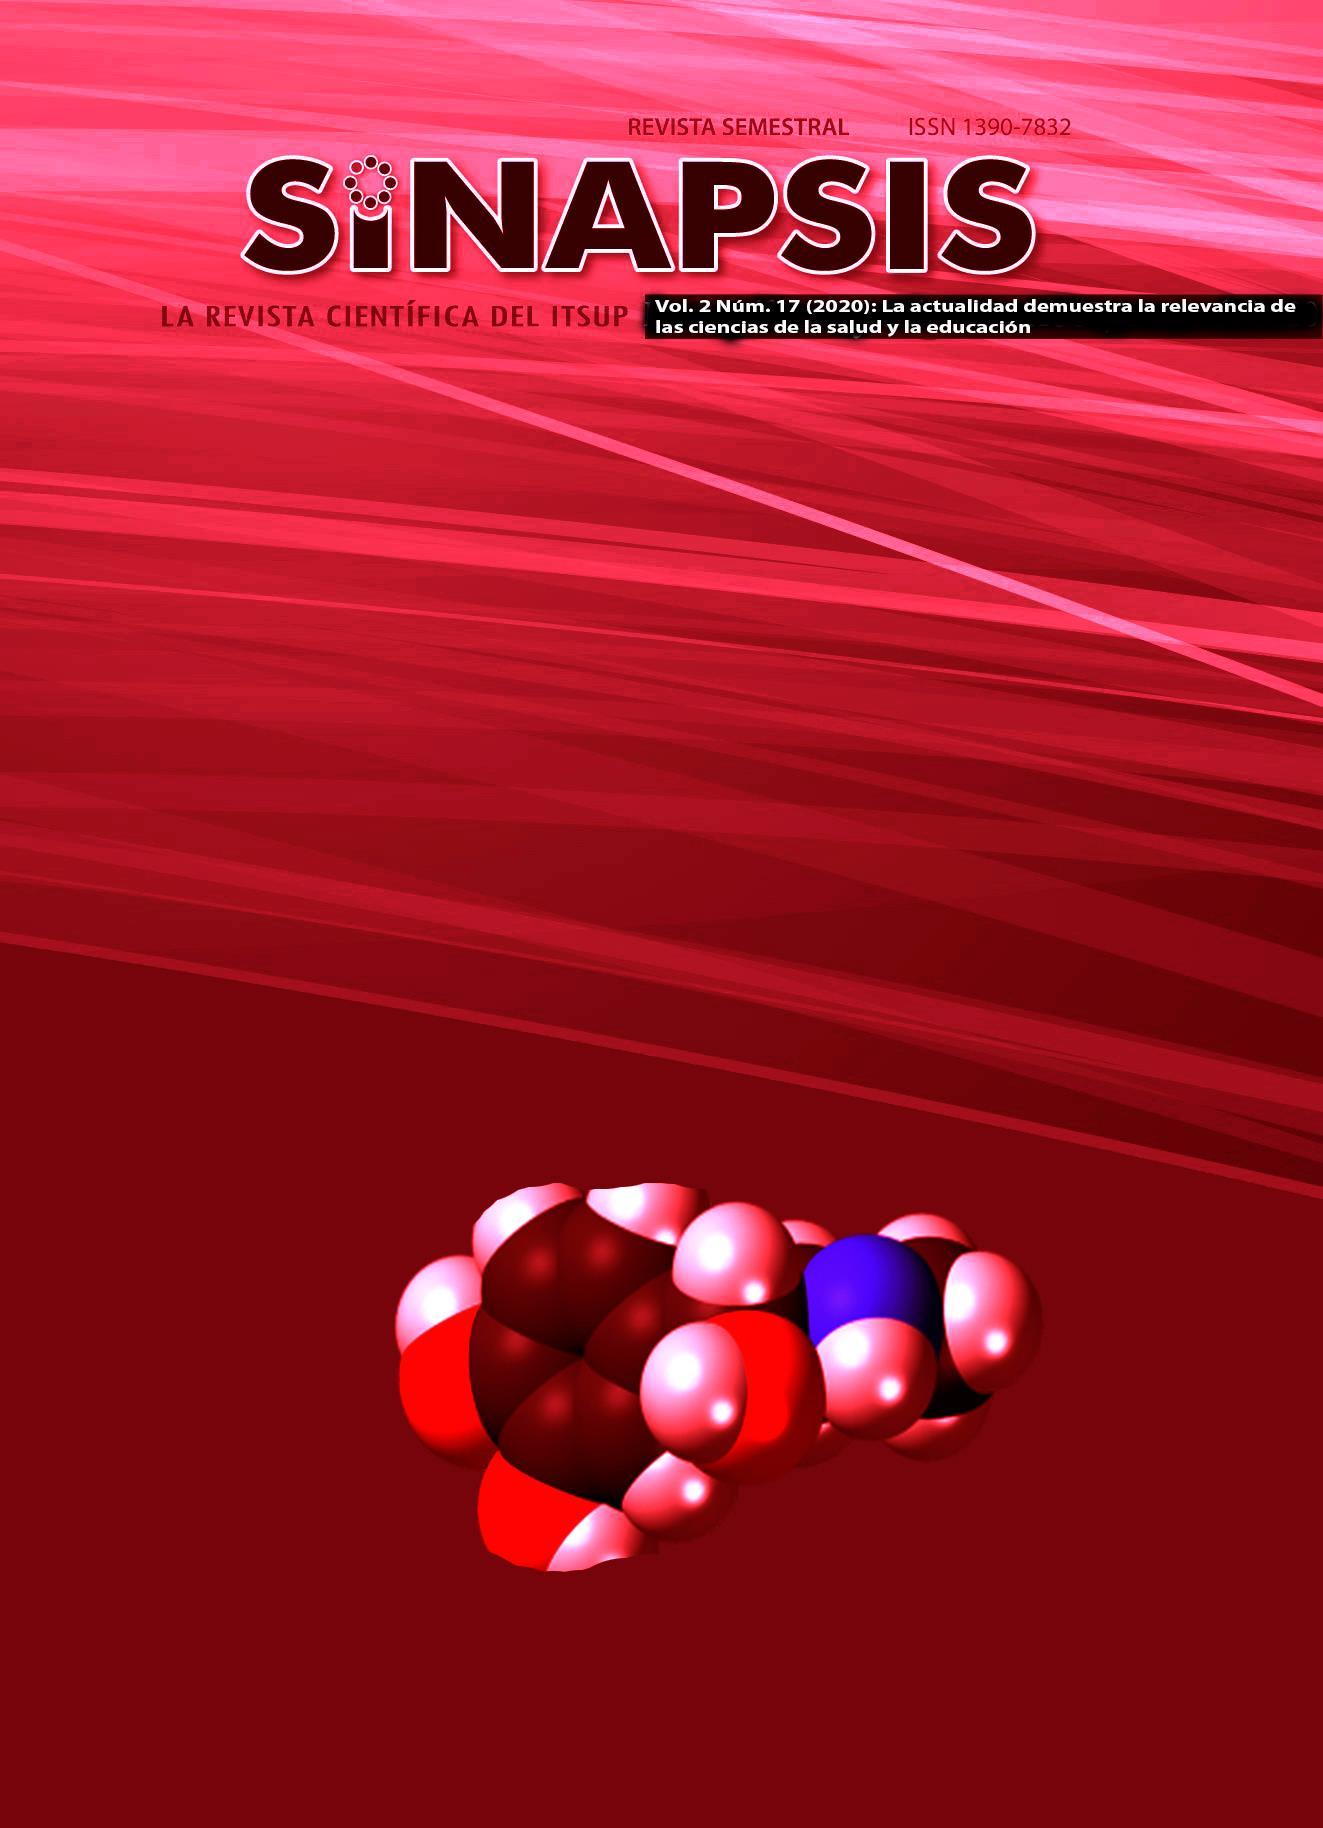 Ver Vol. 1 Núm. 16 (2020): La actualidad demuestra la relevancia de las ciencias de la salud y la educación